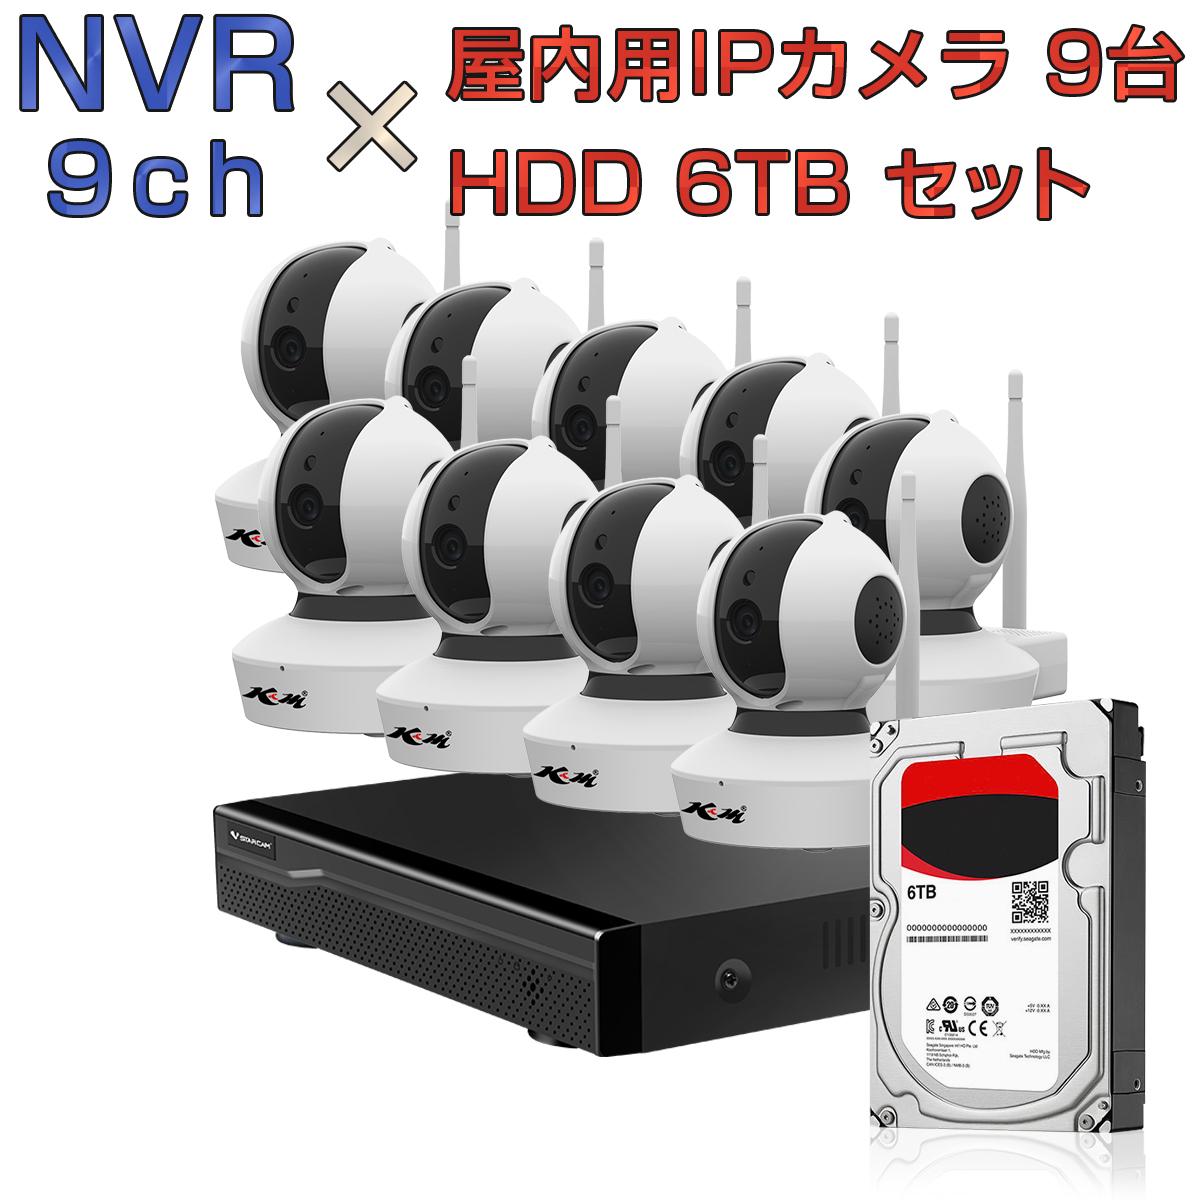 NVR ネットワークビデオレコーダー 9ch HDD6TB内蔵 C23S 2K 1080P 200万画素カメラ 9台セット IP ONVIF形式 スマホ対応 遠隔監視 1080P FHD 動体検知 同時出力 録音対応 H.265+ IPカメラレコーダー監視システム 宅配便送料無料 1年保証